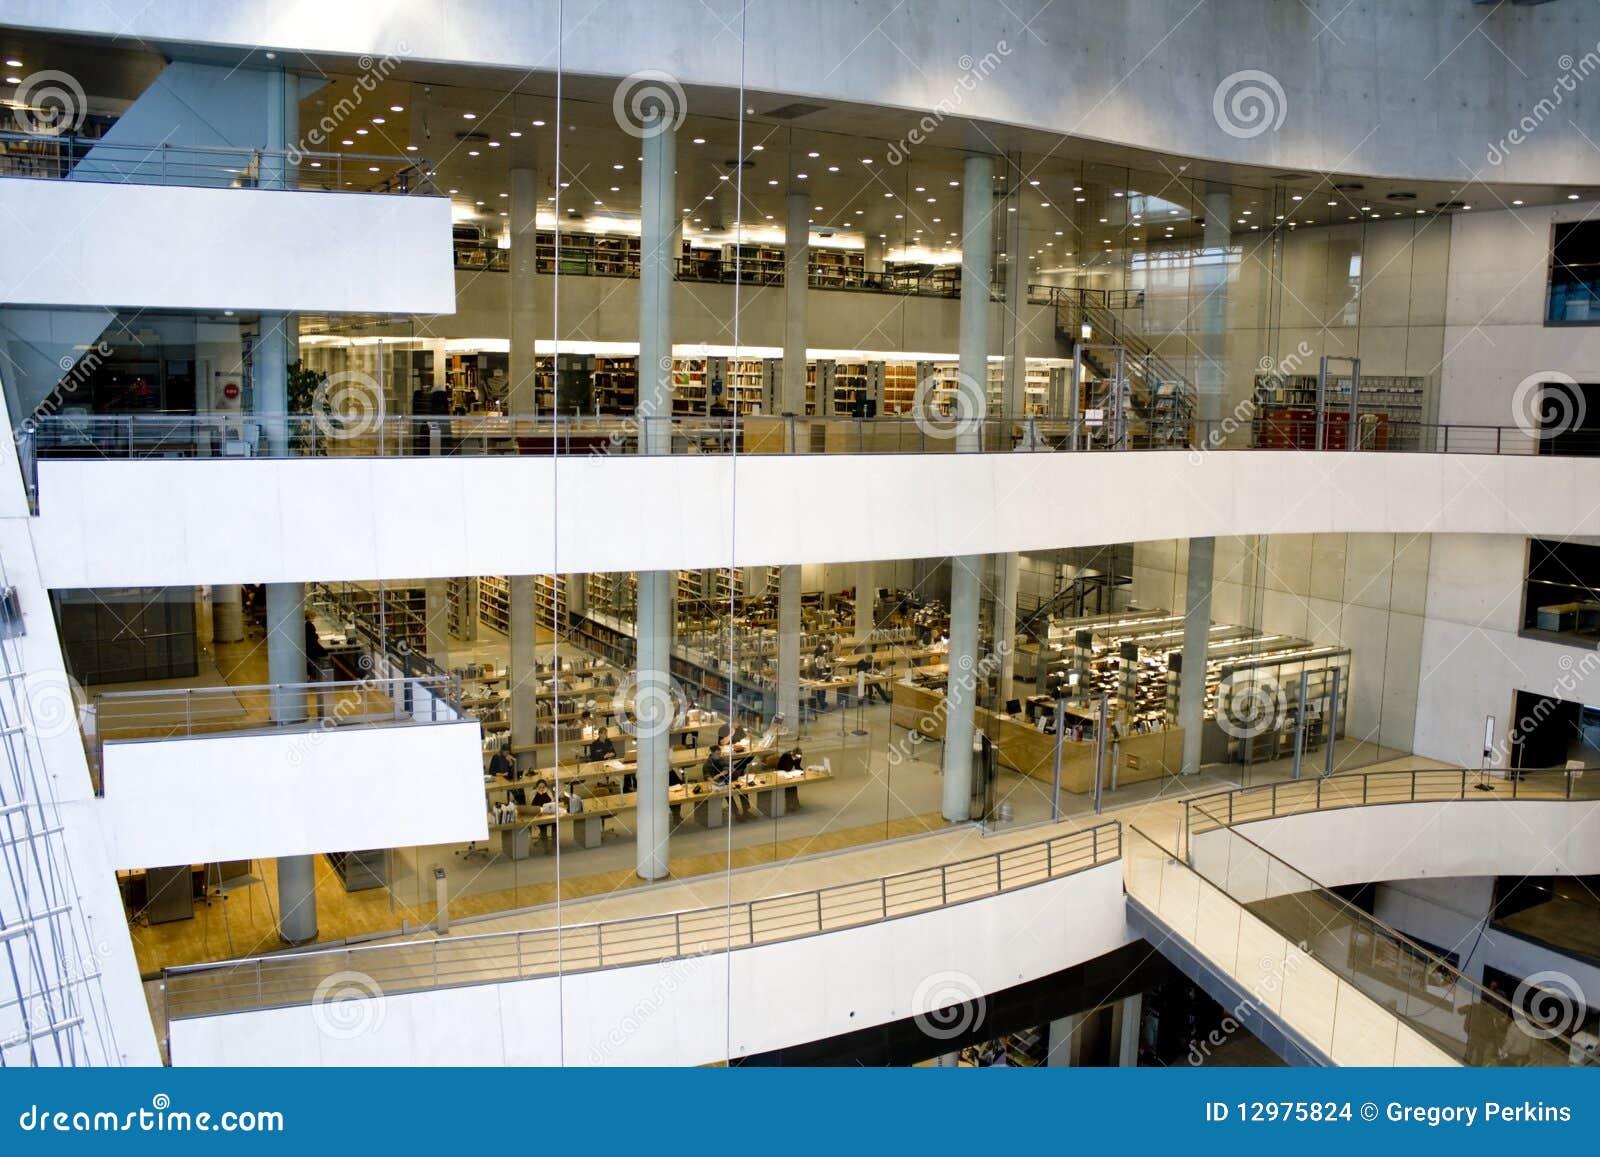 Een moderne bibliotheek de koninklijke bibliotheek kopenhagen redactionele stock afbeelding - Moderne bibliotheek ...